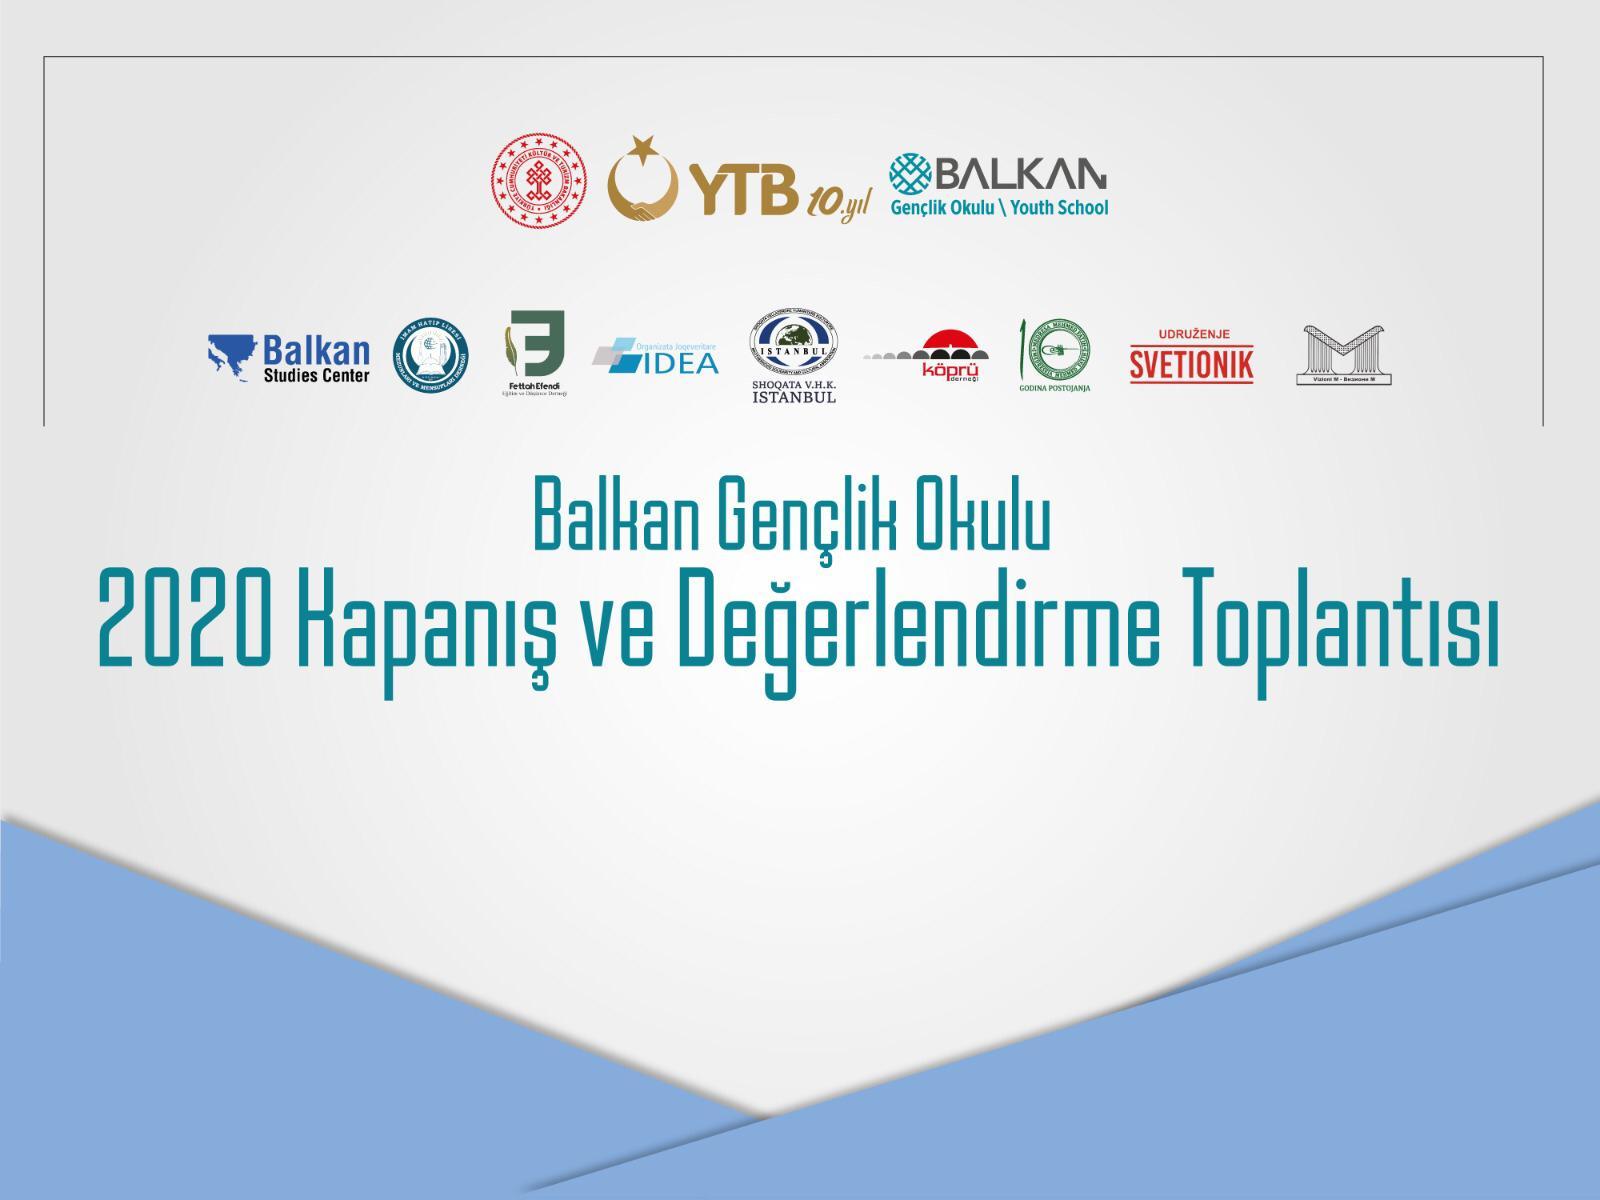 Balkan Gençlik Okulu'nun 2020 Değerlendirme ve Kapanış Programı